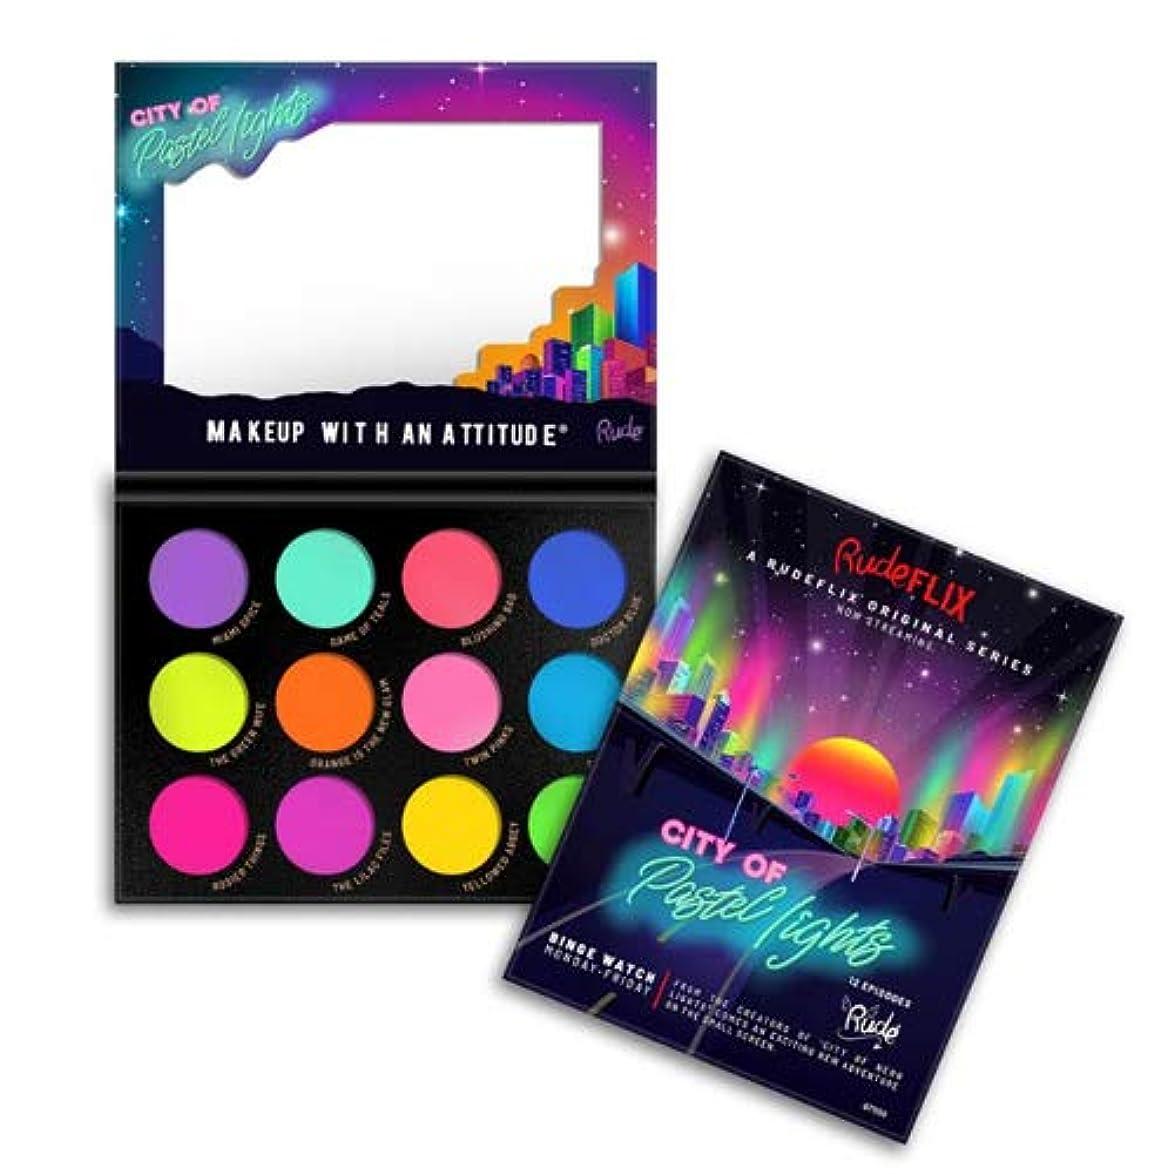 種類ブランチ具体的にRUDE City of Pastel Lights - 12 Pastel Pigment & Eyeshadow Palette (3 Pack) (並行輸入品)